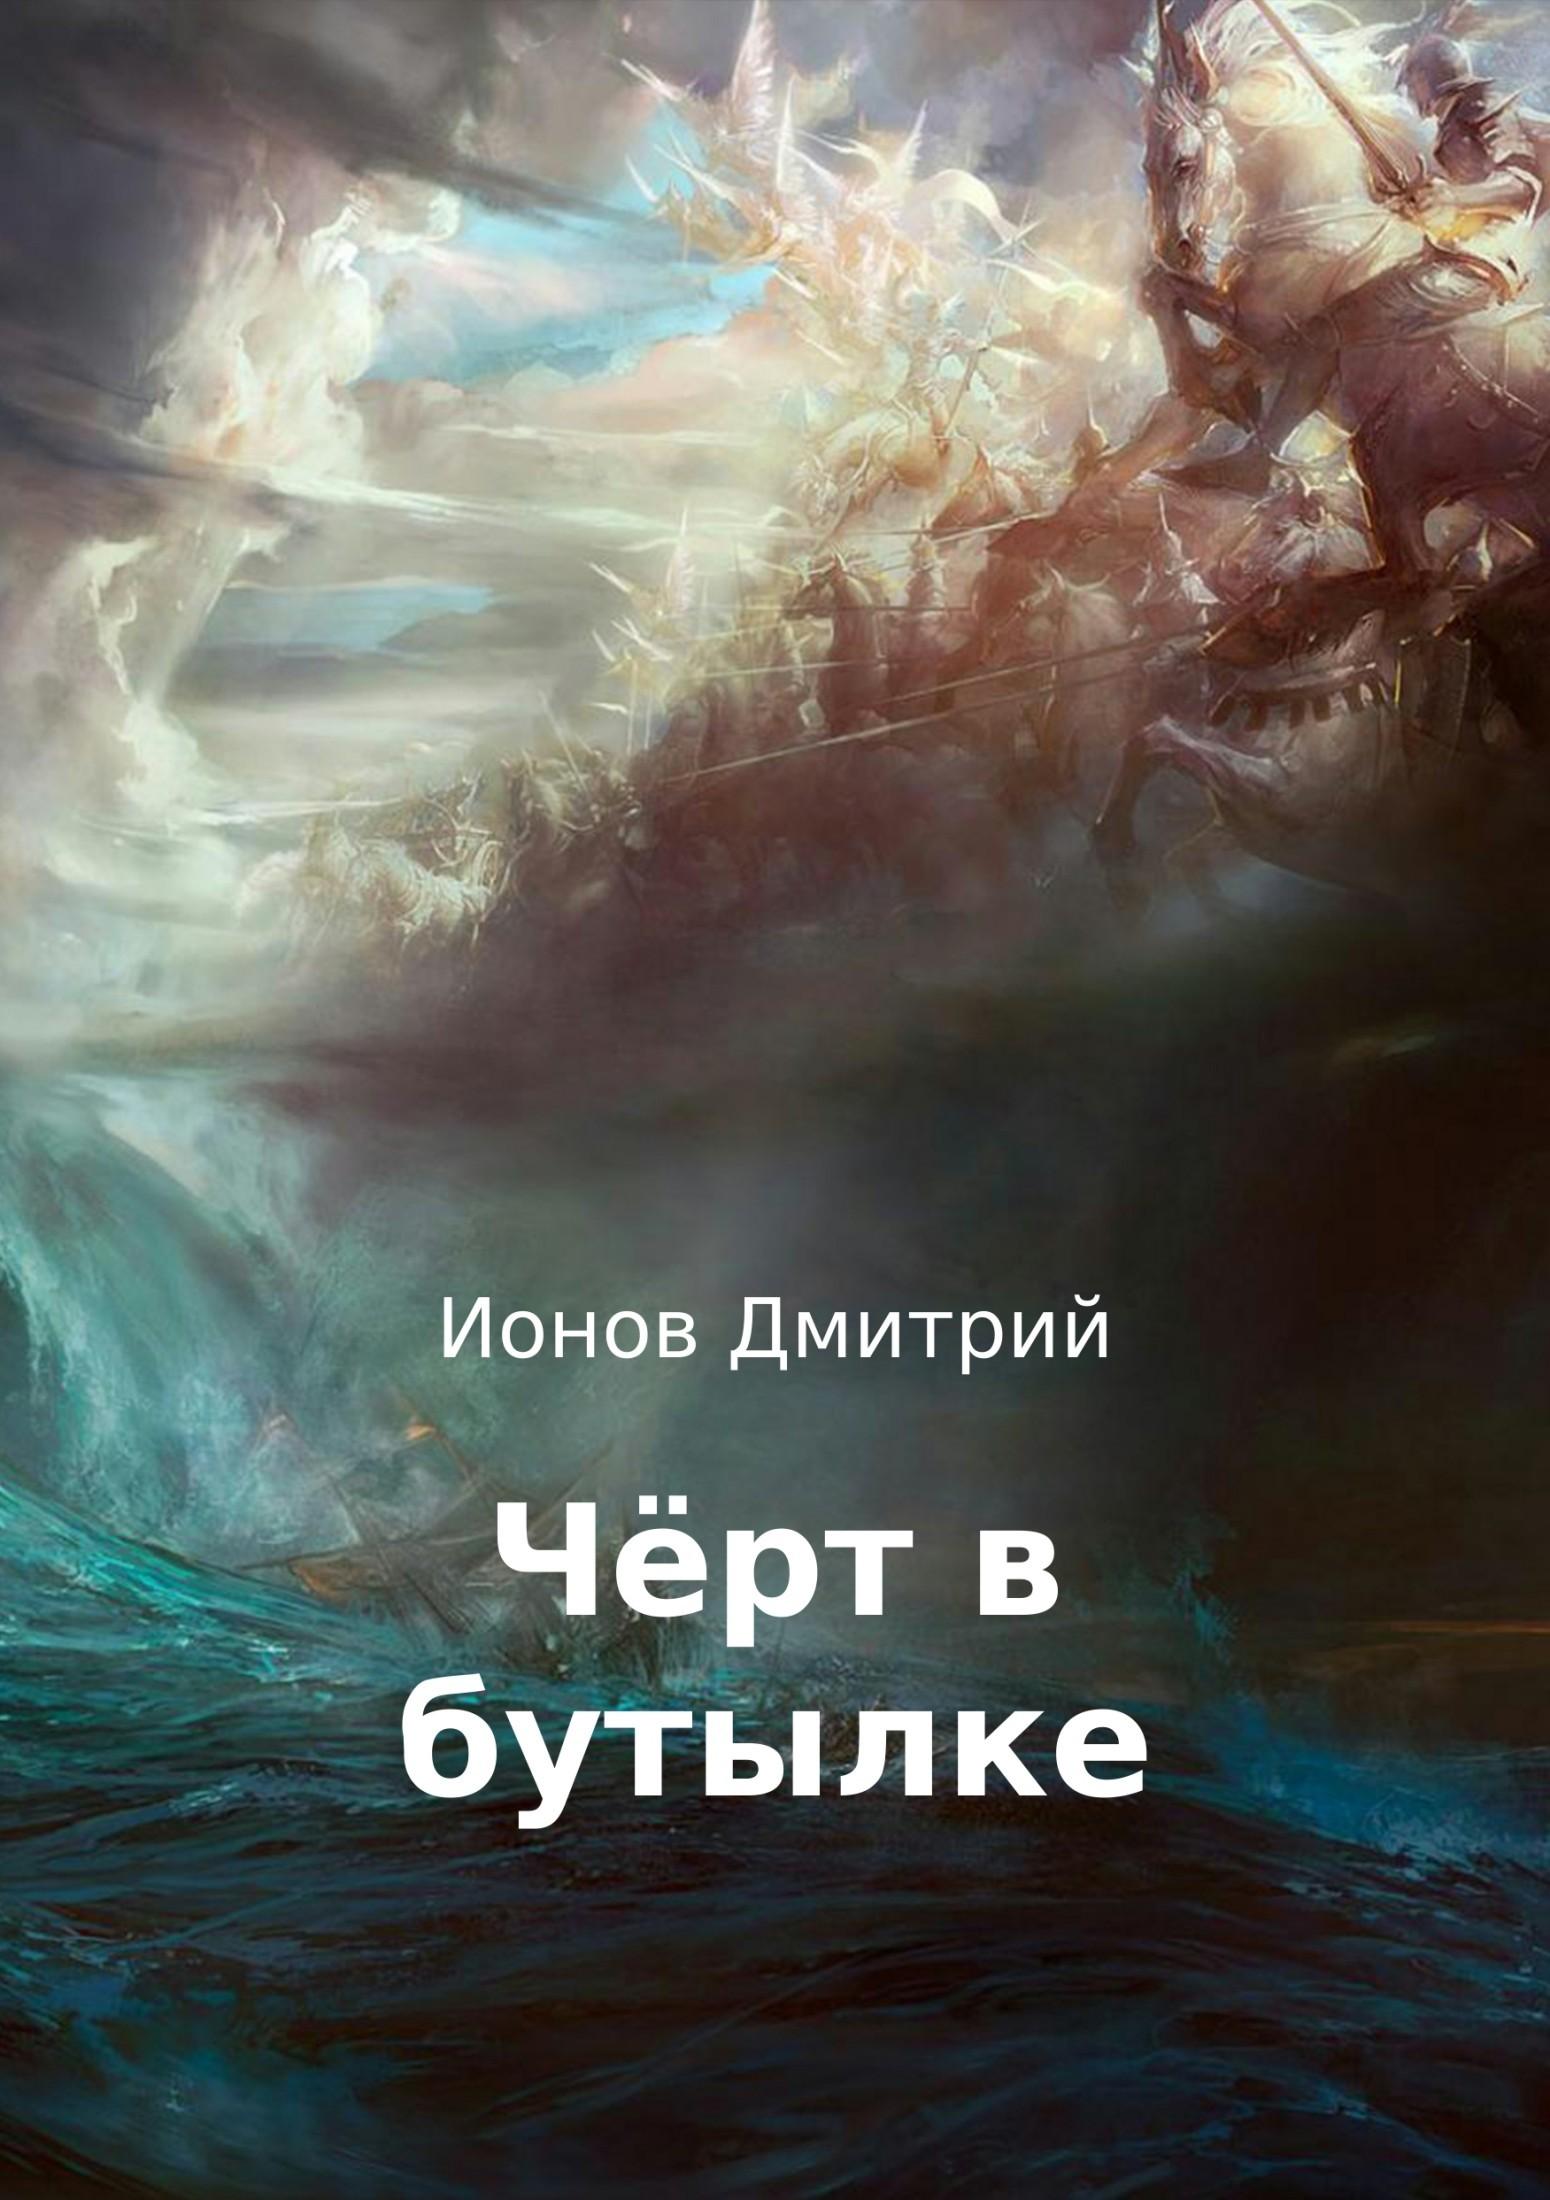 Дмитрий Ионов «Чёрт в бутылке. Рассказ»